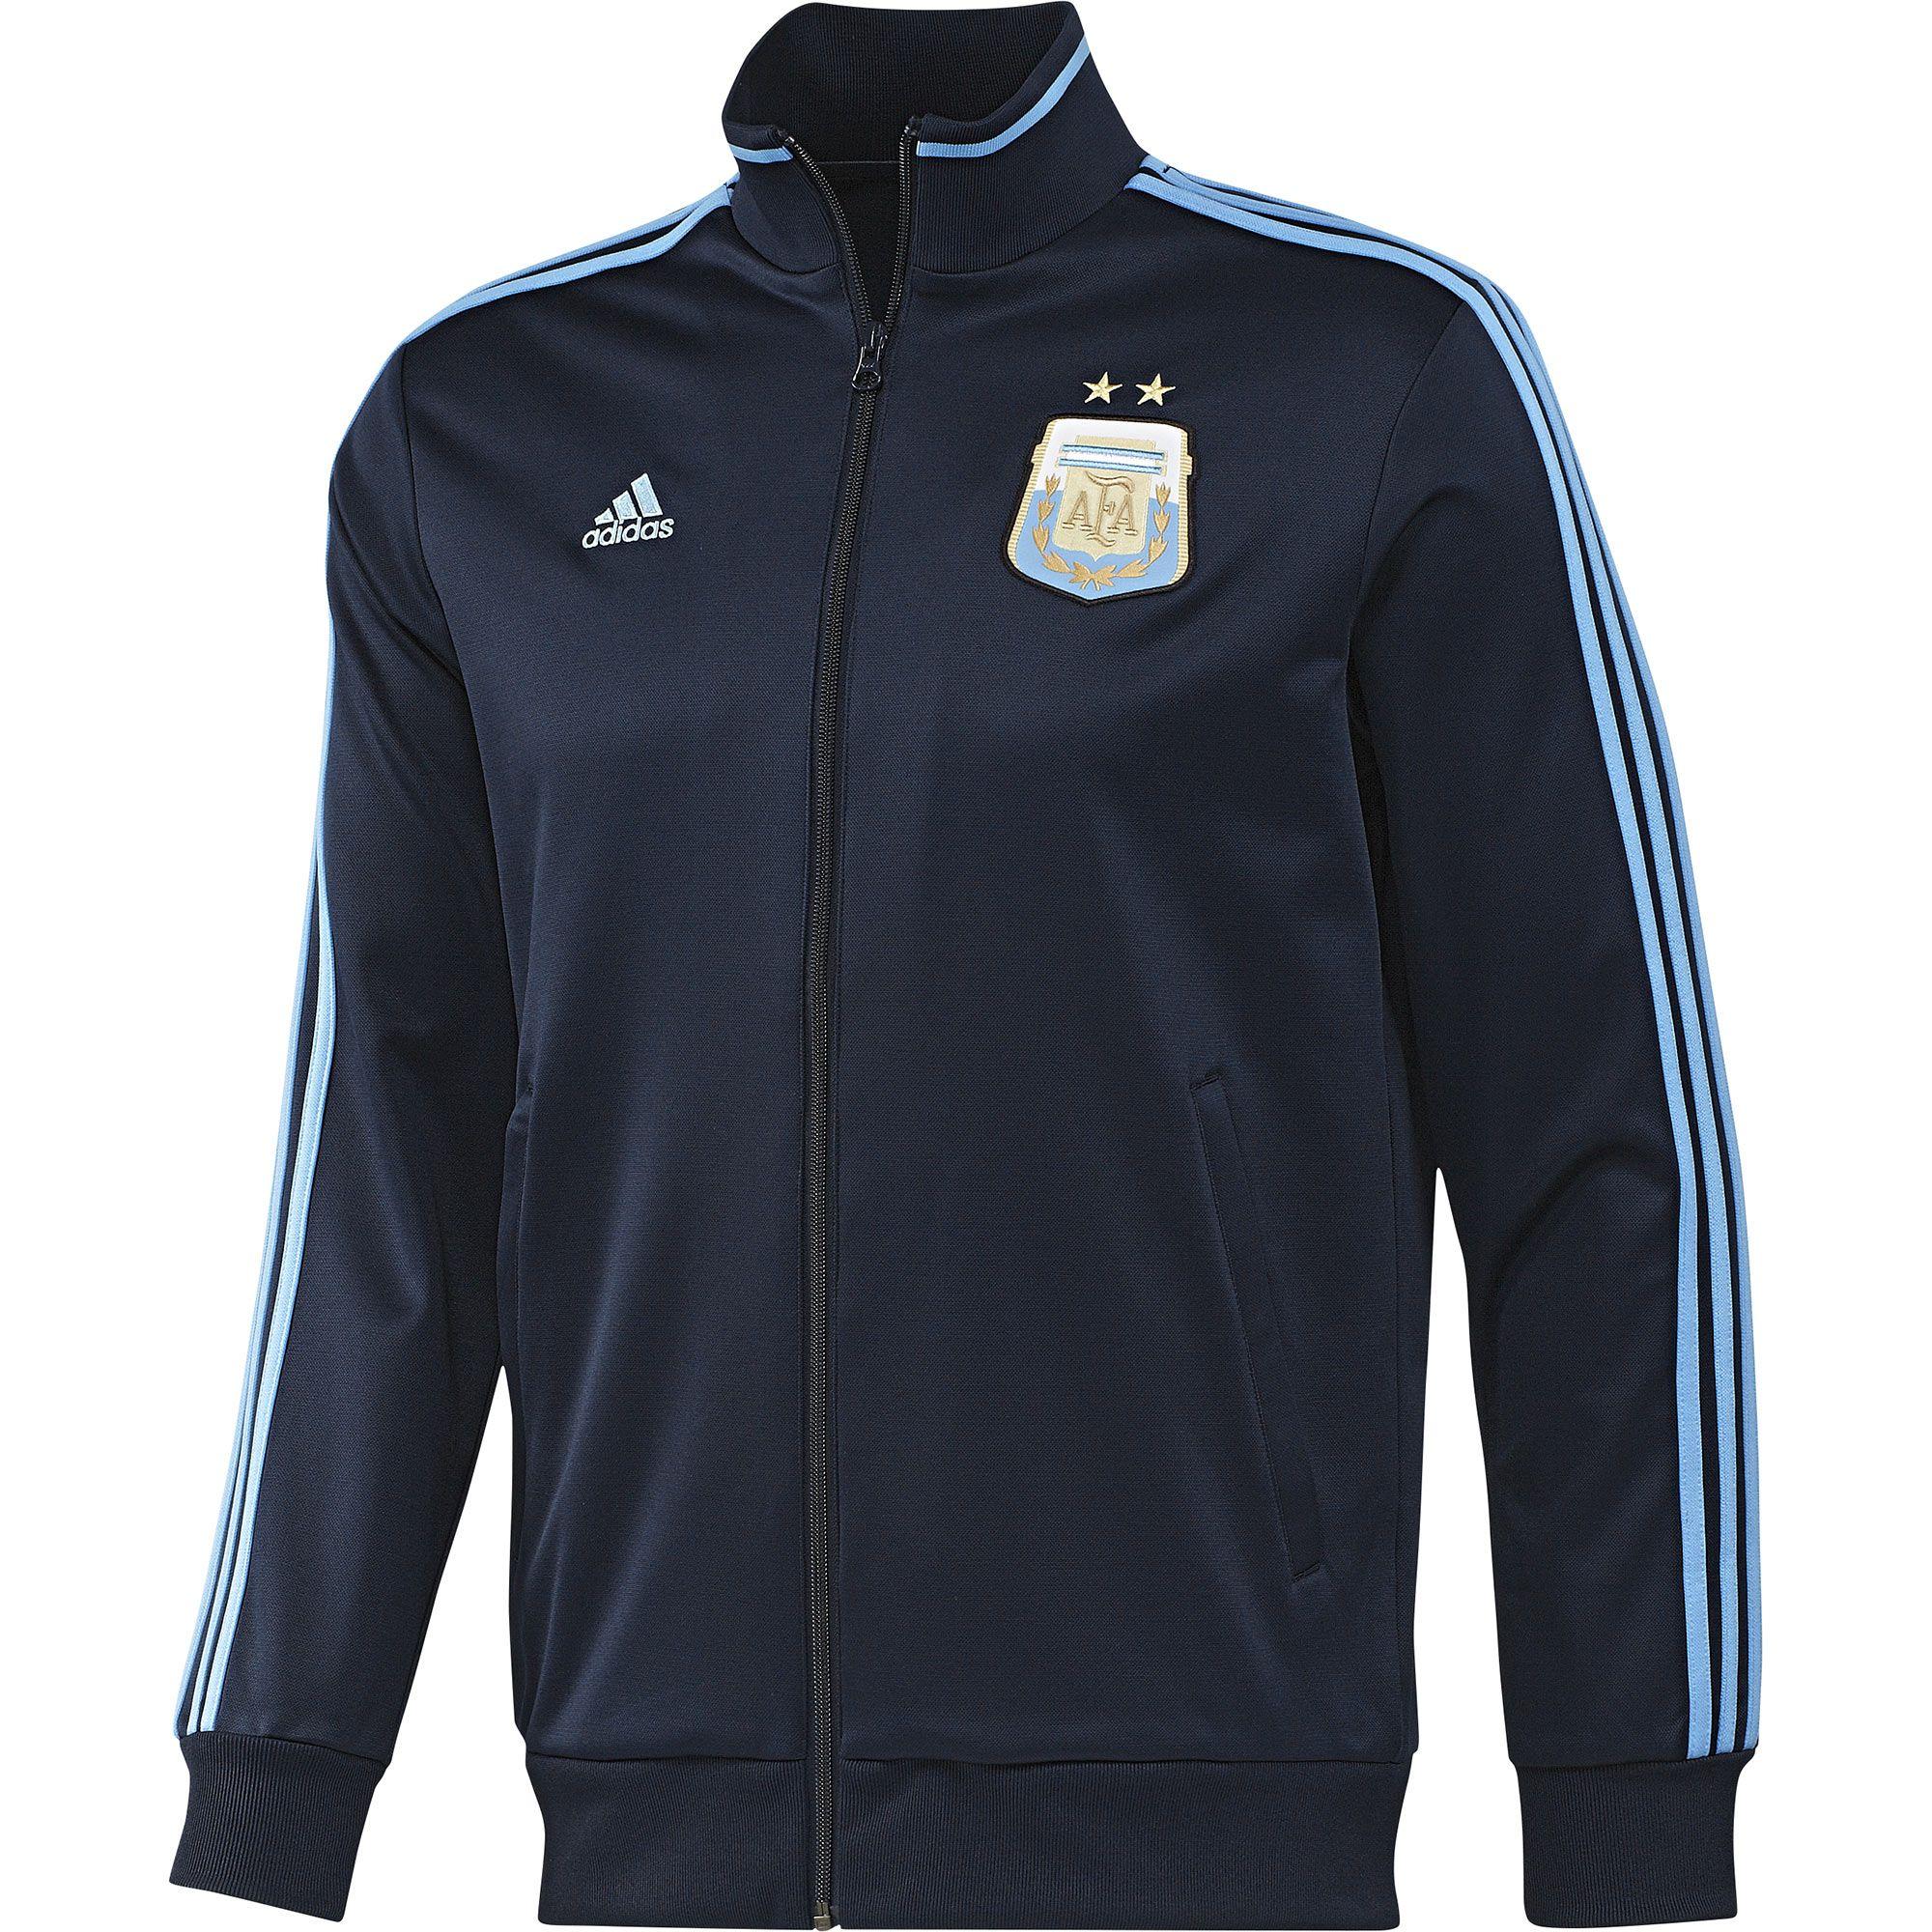 96a33c2b5bc08 adidas Chaqueta de Sudadera Selección Argentina